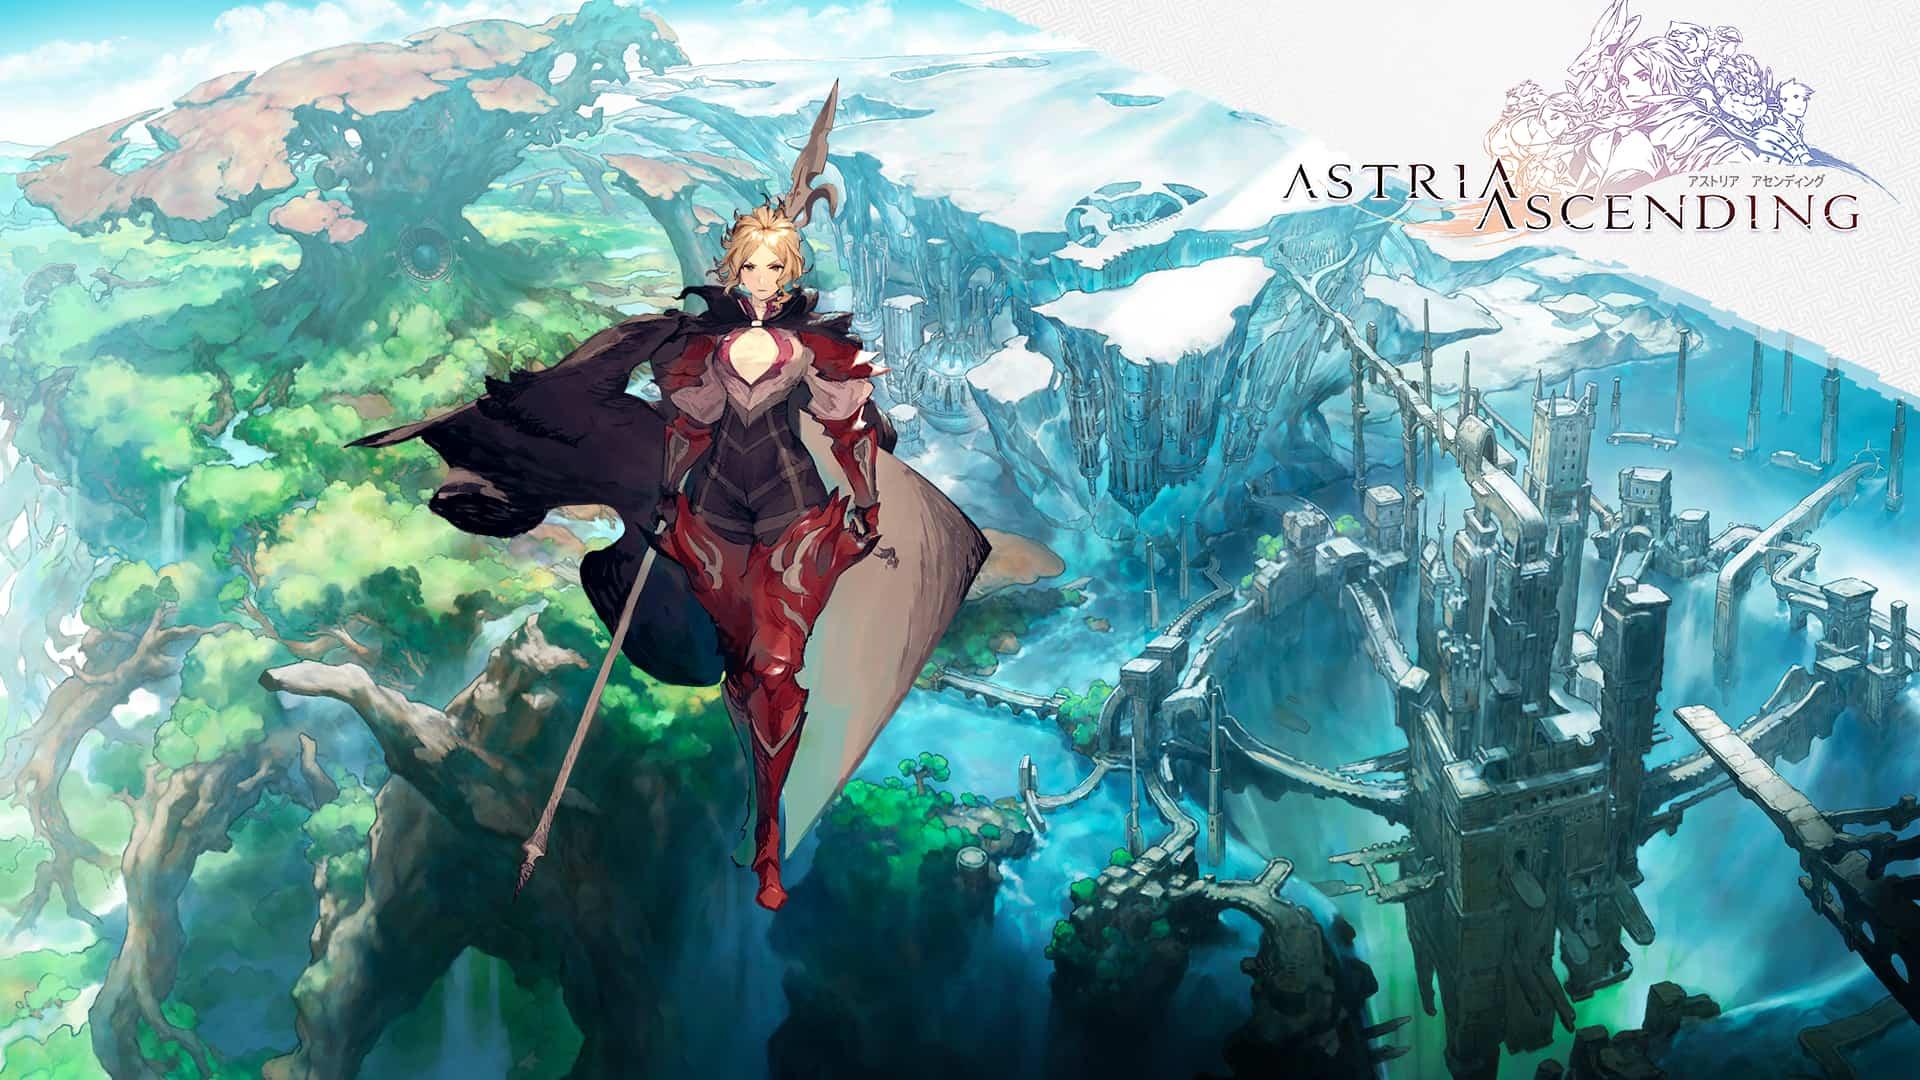 Astria Ascending confirma subtítulos al castellano 2